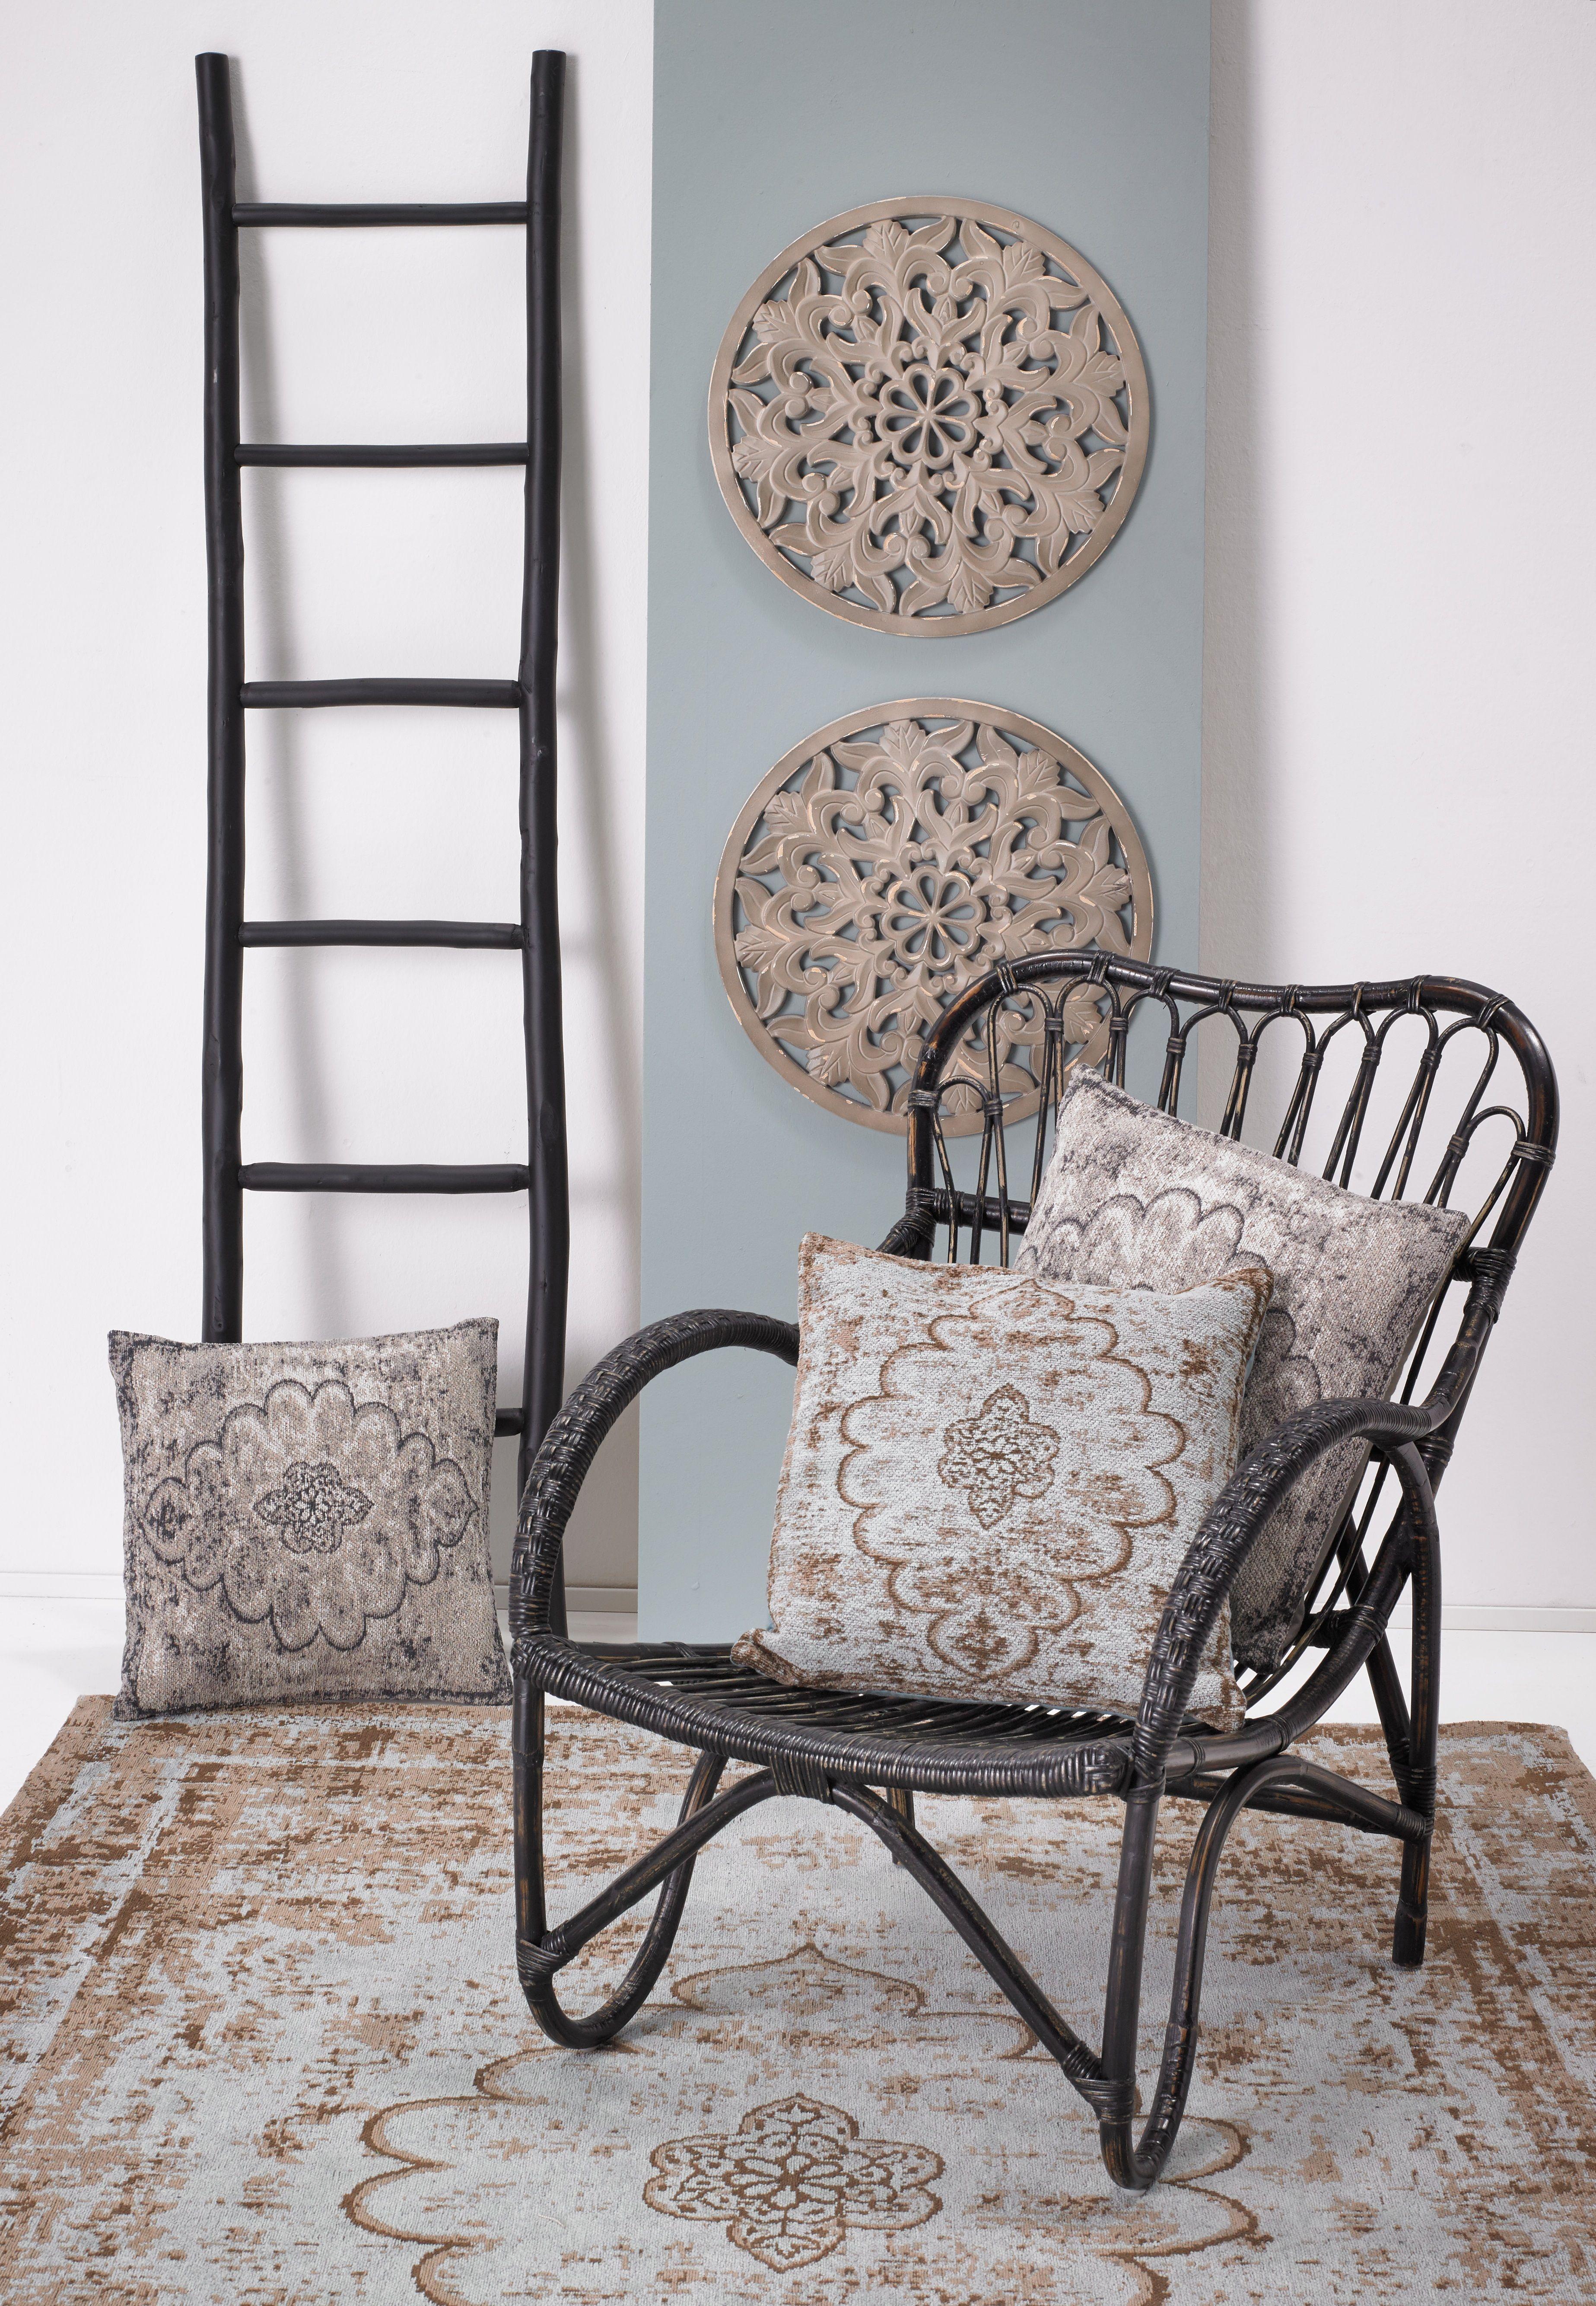 Hou jij van een wereldse woonstijl? Combineer je rotan fauteuil met kussens en vloerkleden met